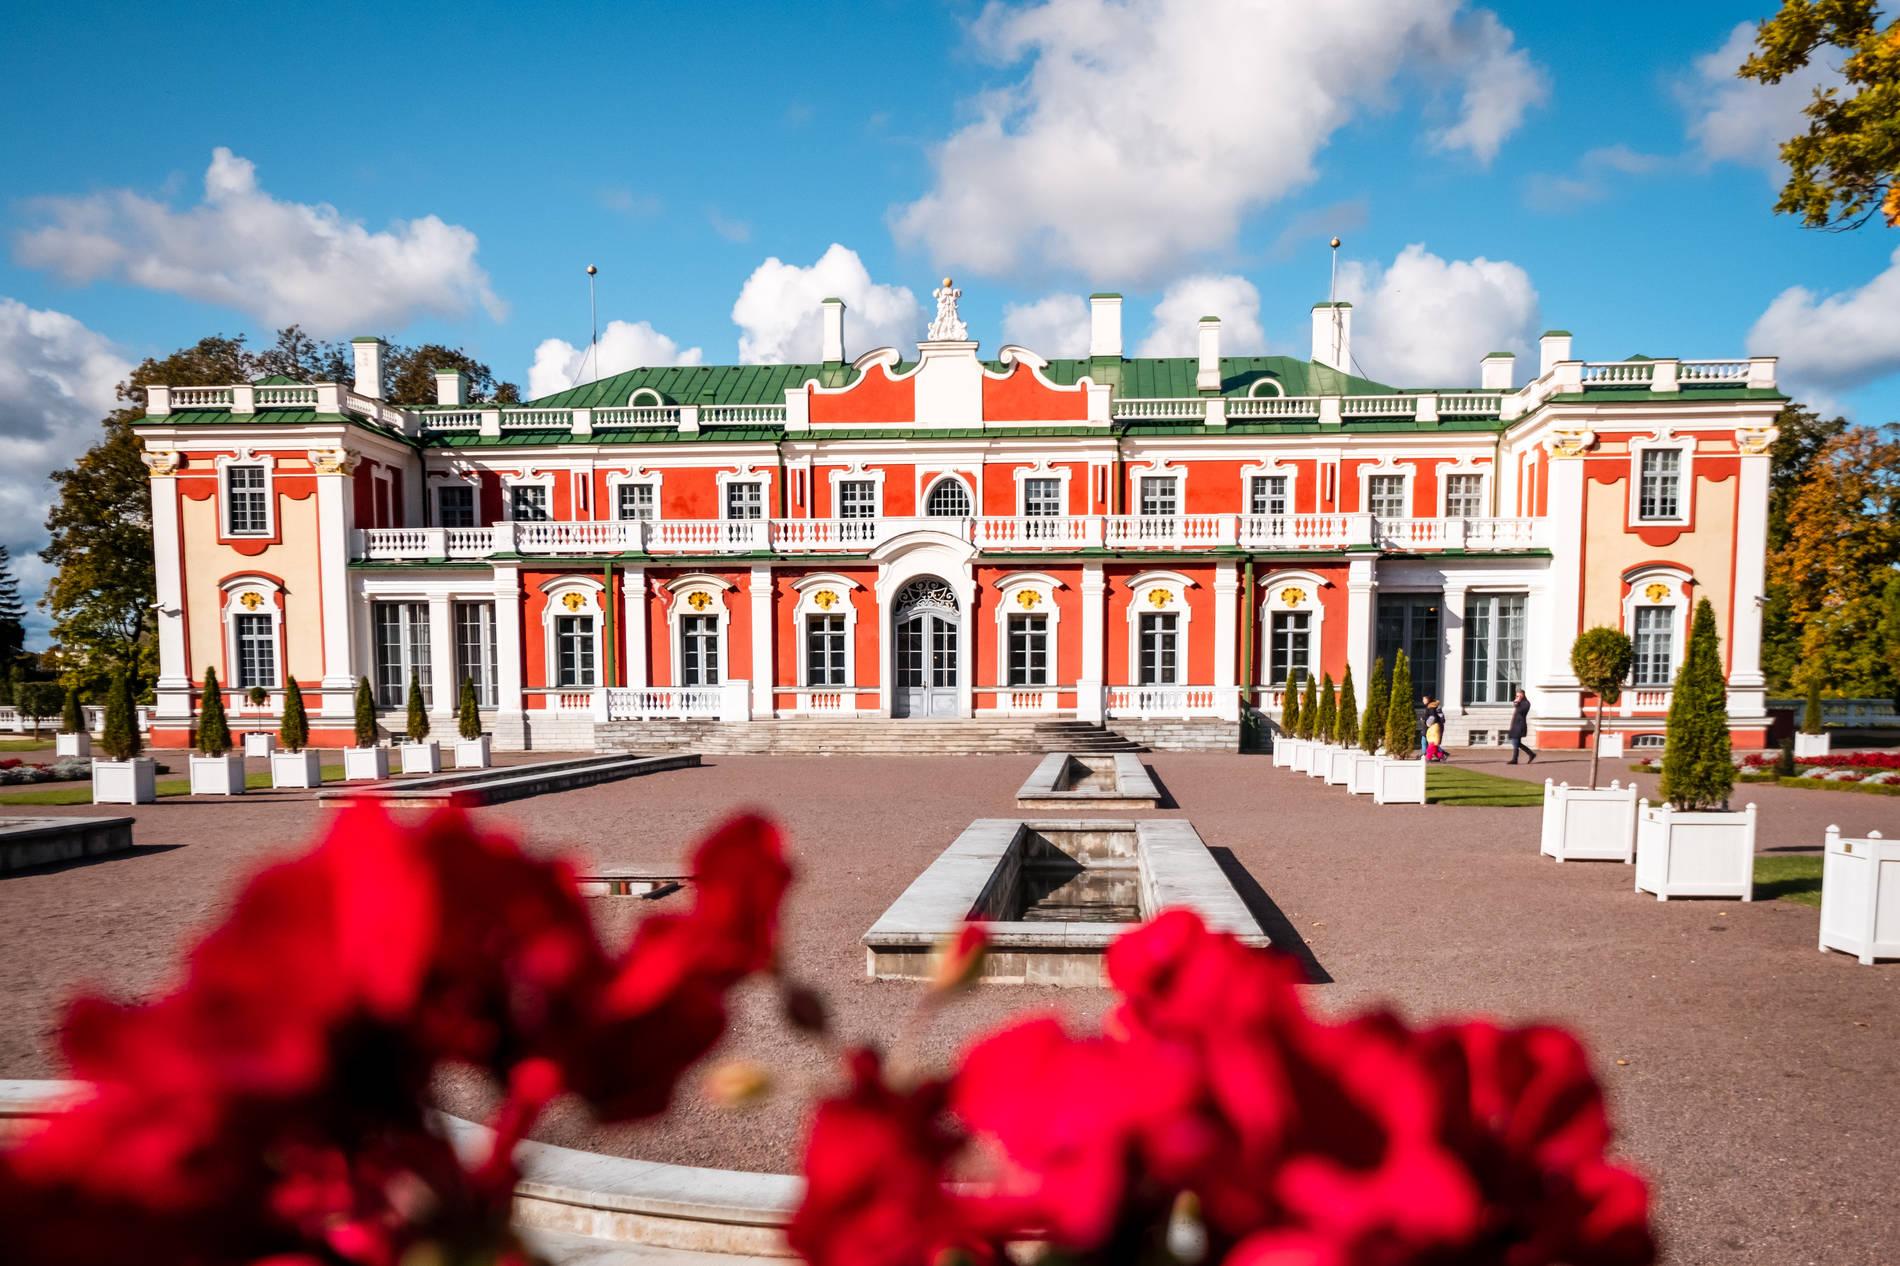 Kadriorg park and palace in Tallinn, Estonia